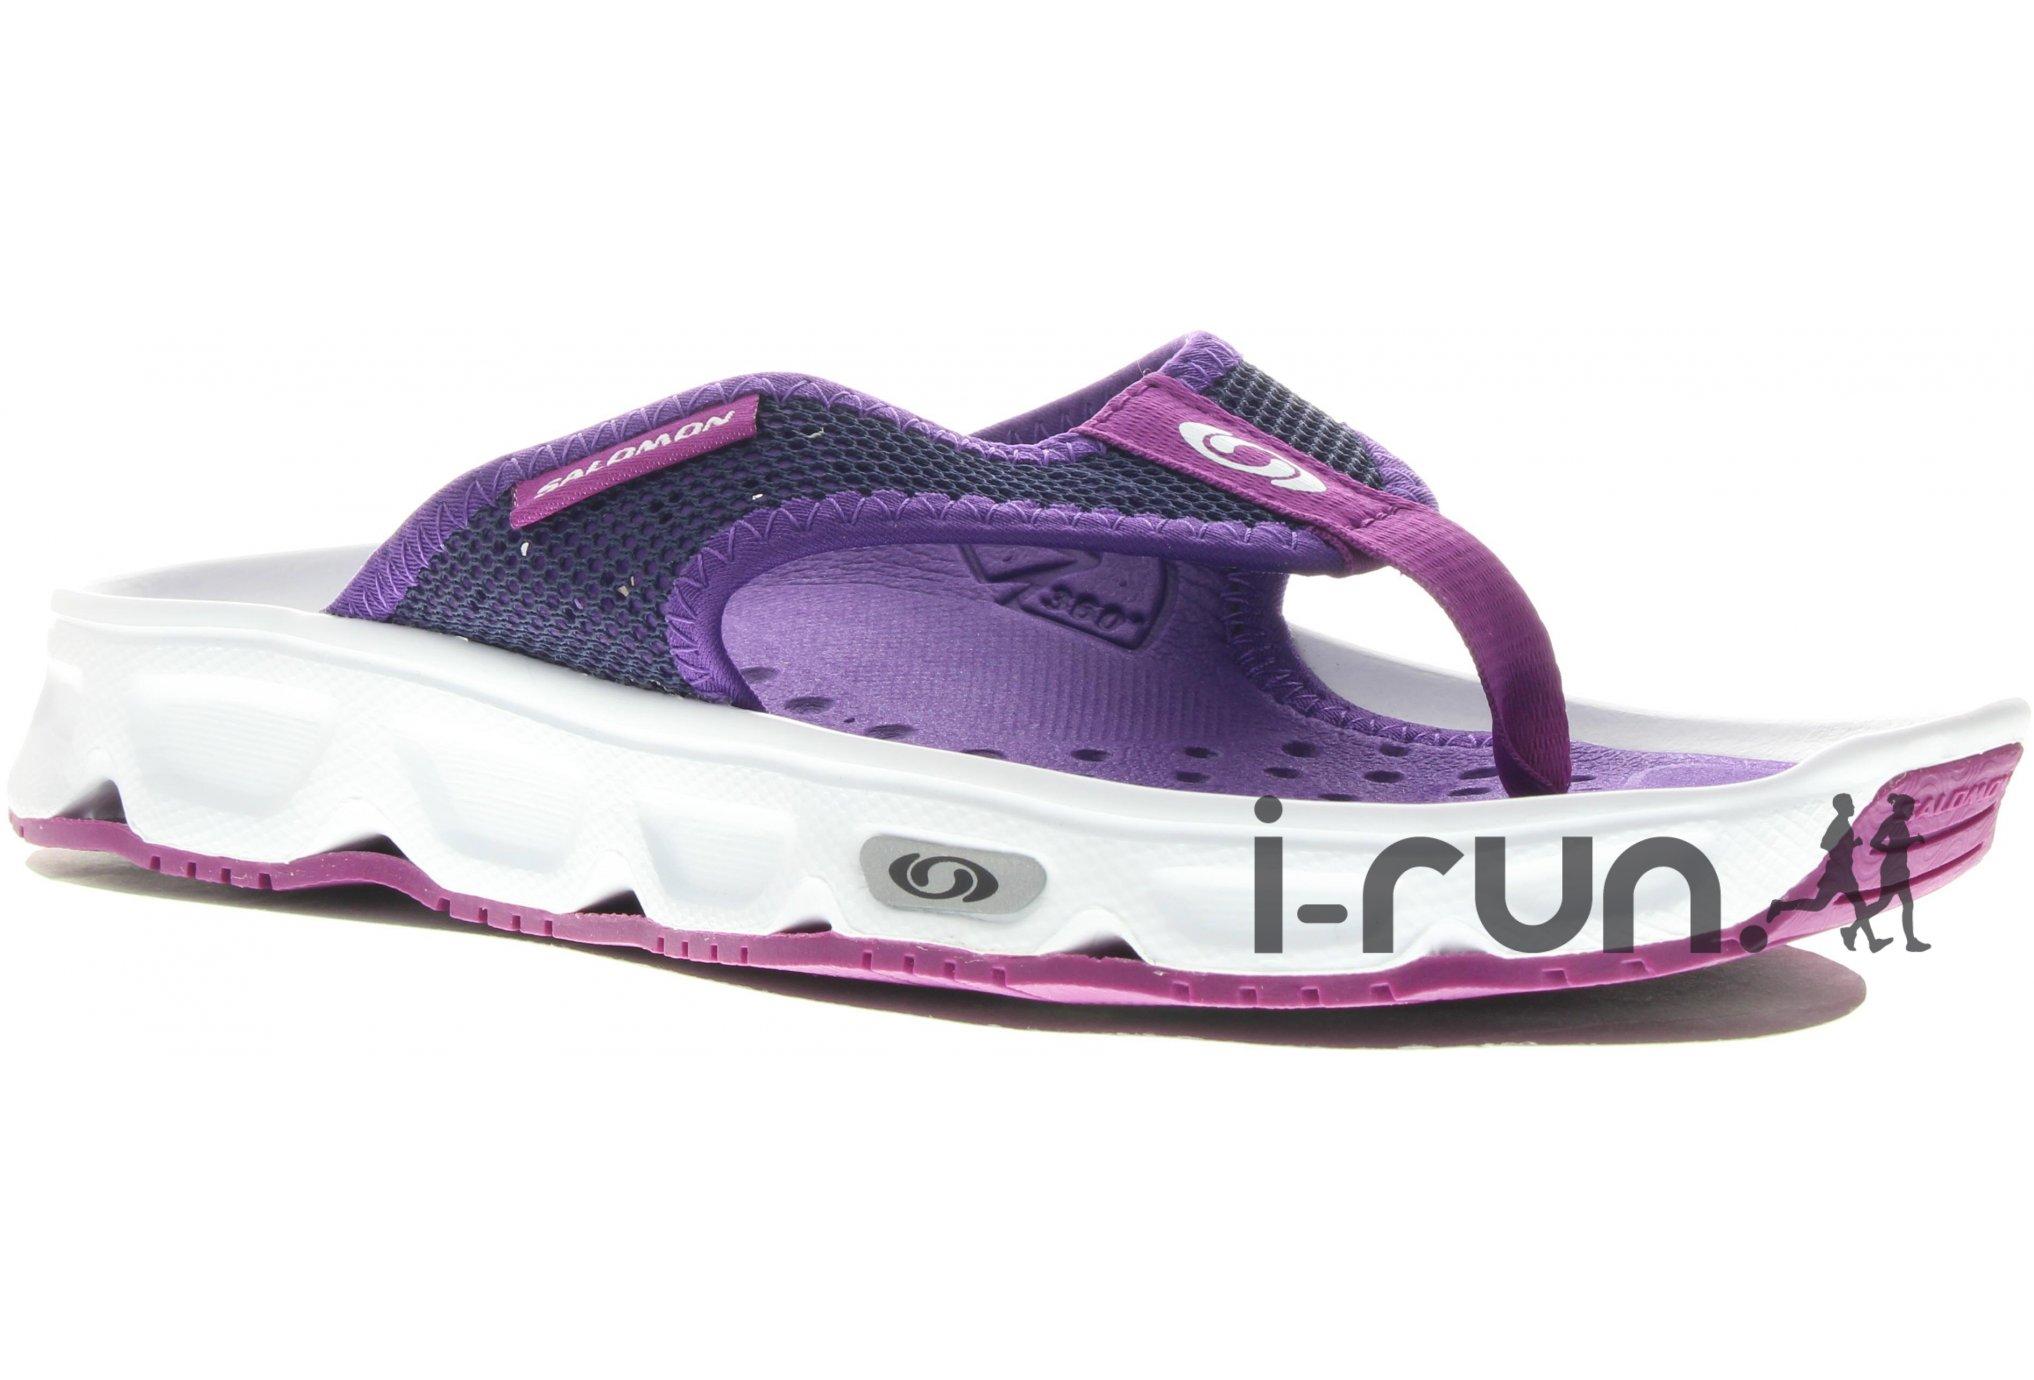 Salomon rx break w chaussures running femme